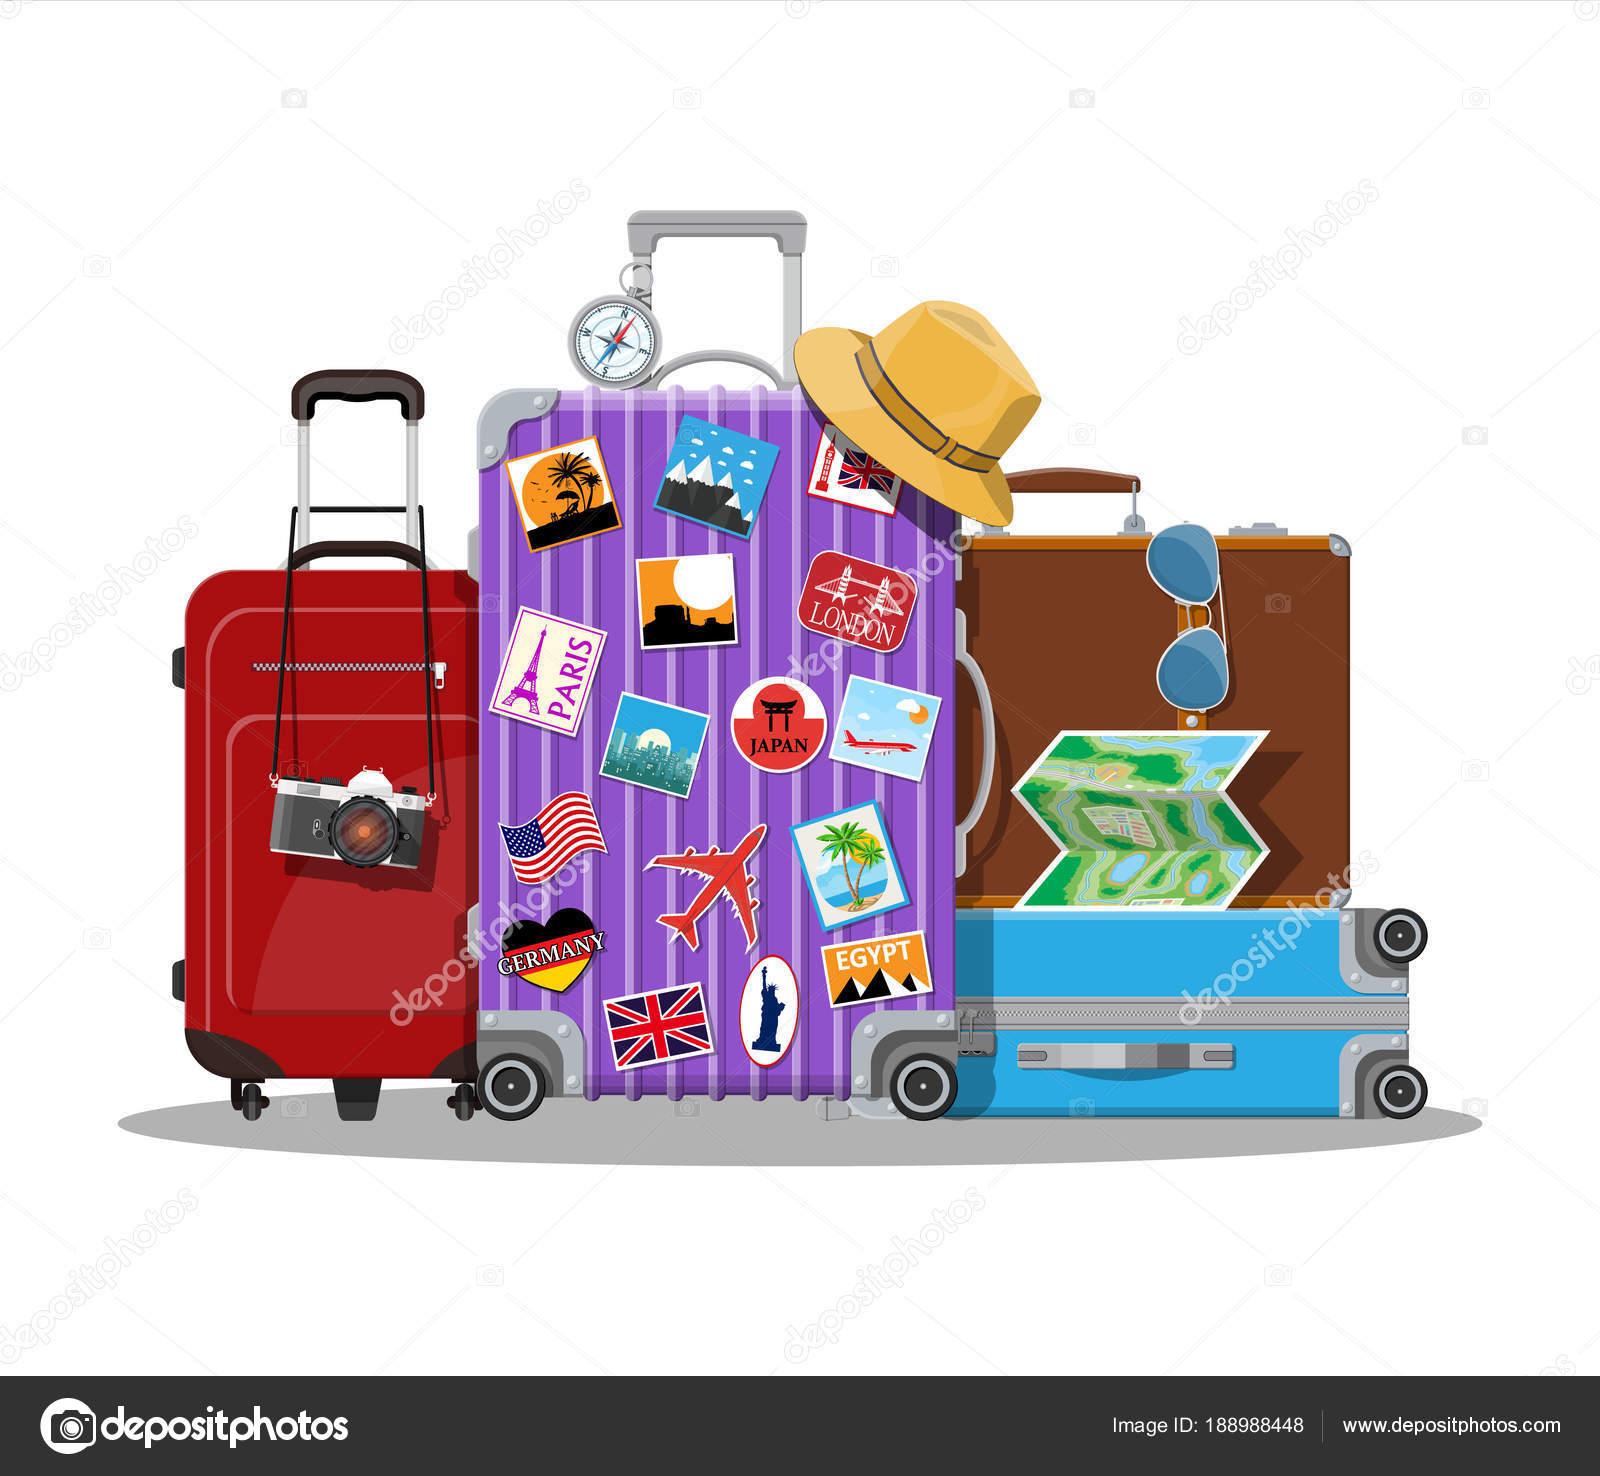 045eb586a8 Vintage και μοντέρνα ταξιδιωτική τσάντα — Διανυσματικό Αρχείο ...